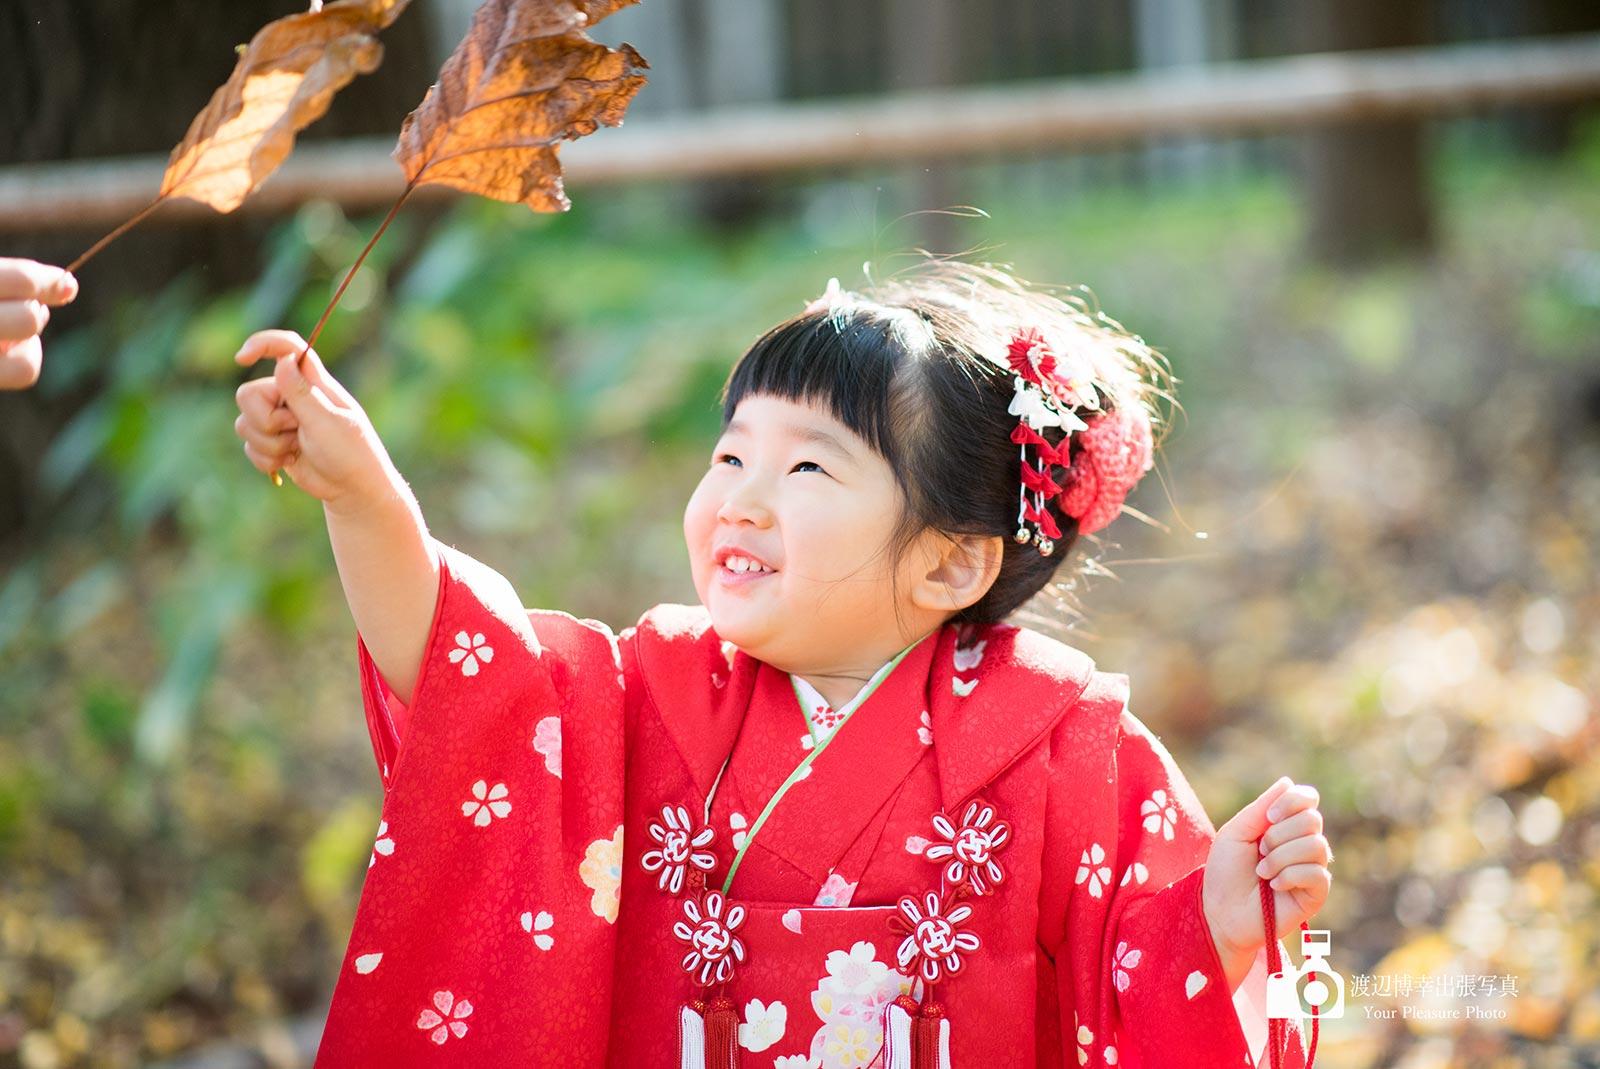 葉っぱで遊んでいる赤い着物を着た女の子